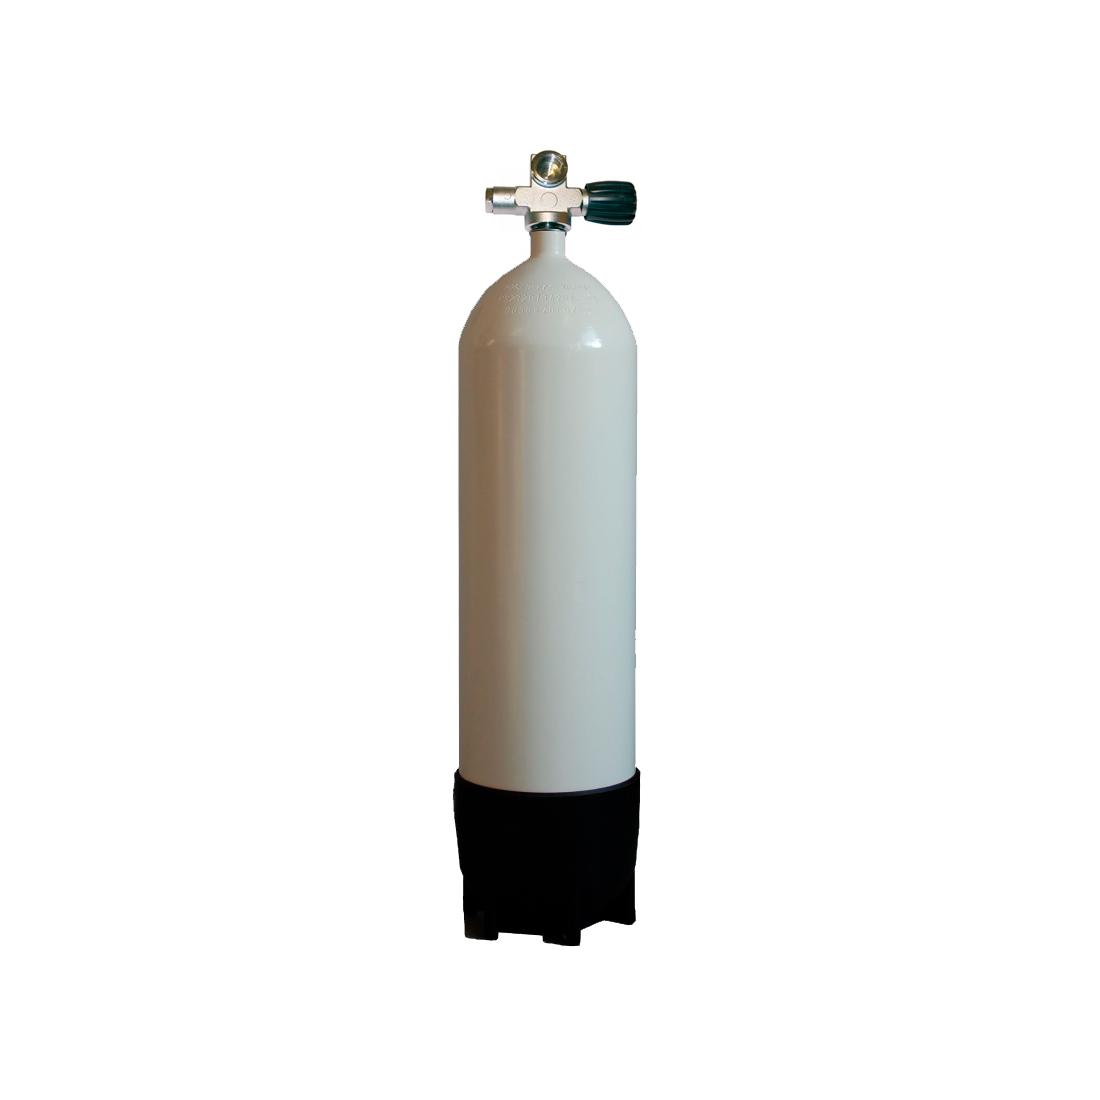 FABER - Tauchgerät 7l 200Bar Stahlflasche Brückenventil 12544li oder 12544re